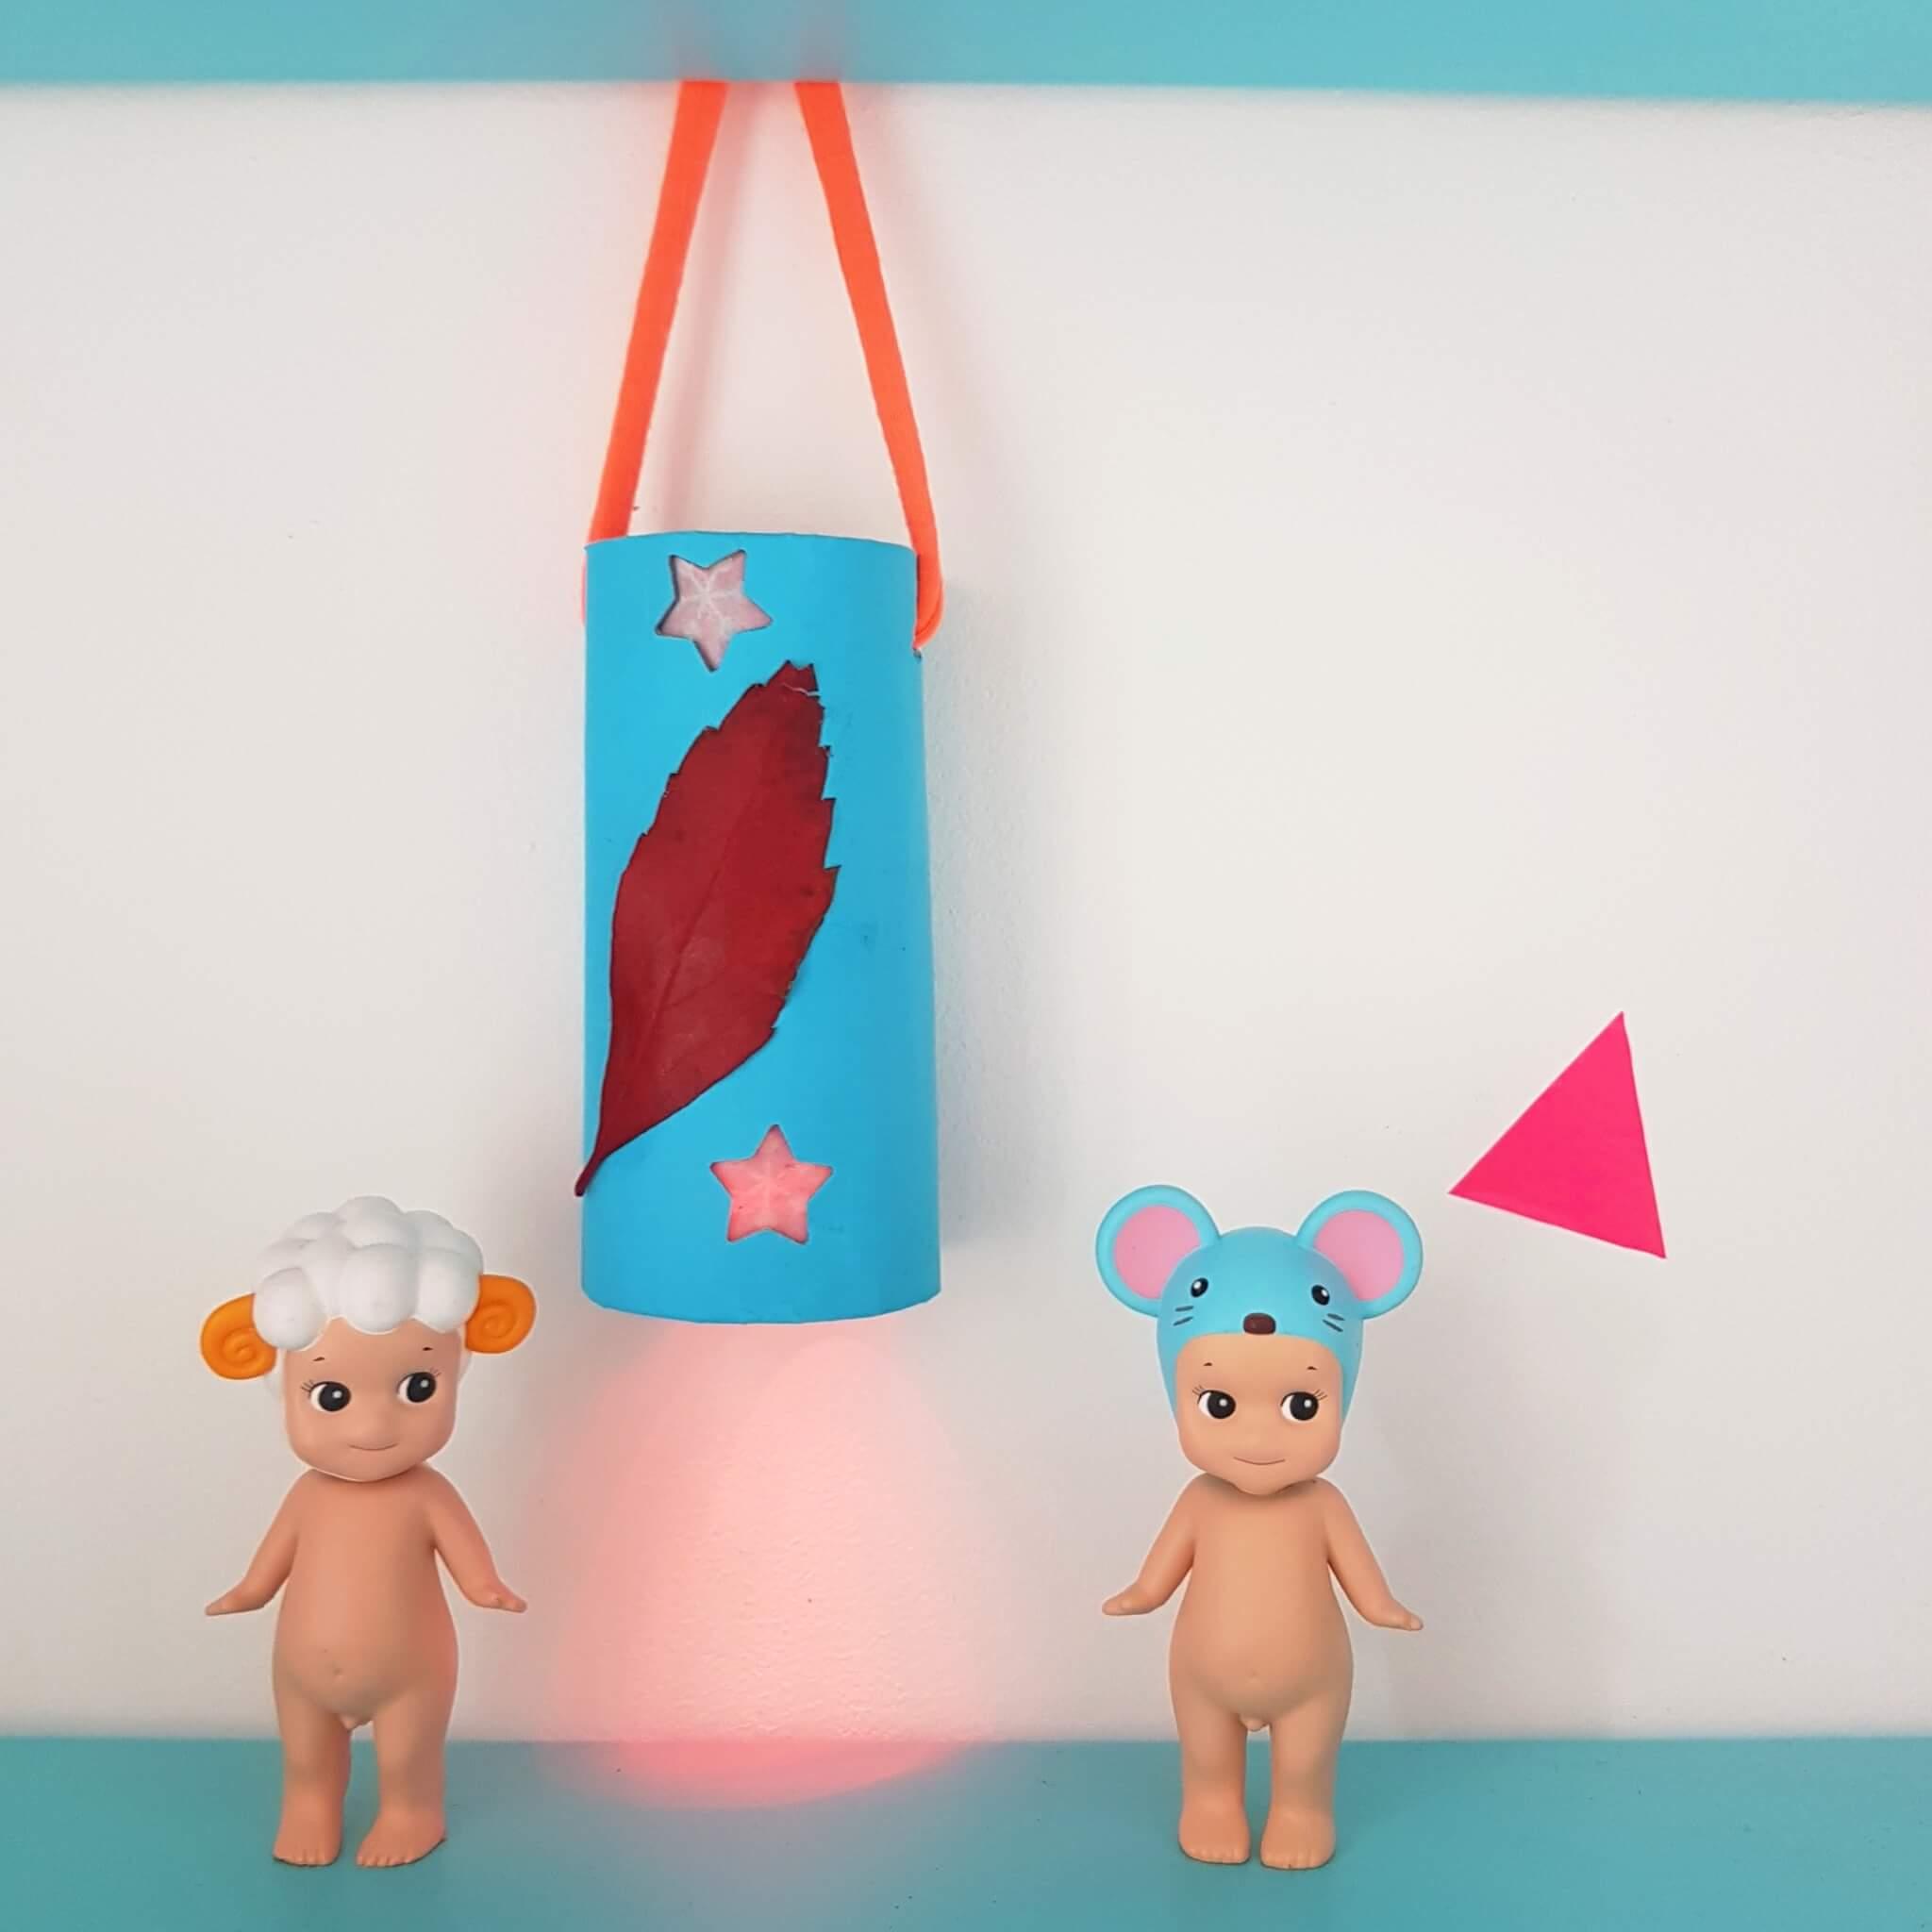 Mooie lantaarn of lampion voor Sint Maarten knutselen voor kinderen - DIY Lantern crafting for kids - toiletrol wc rol